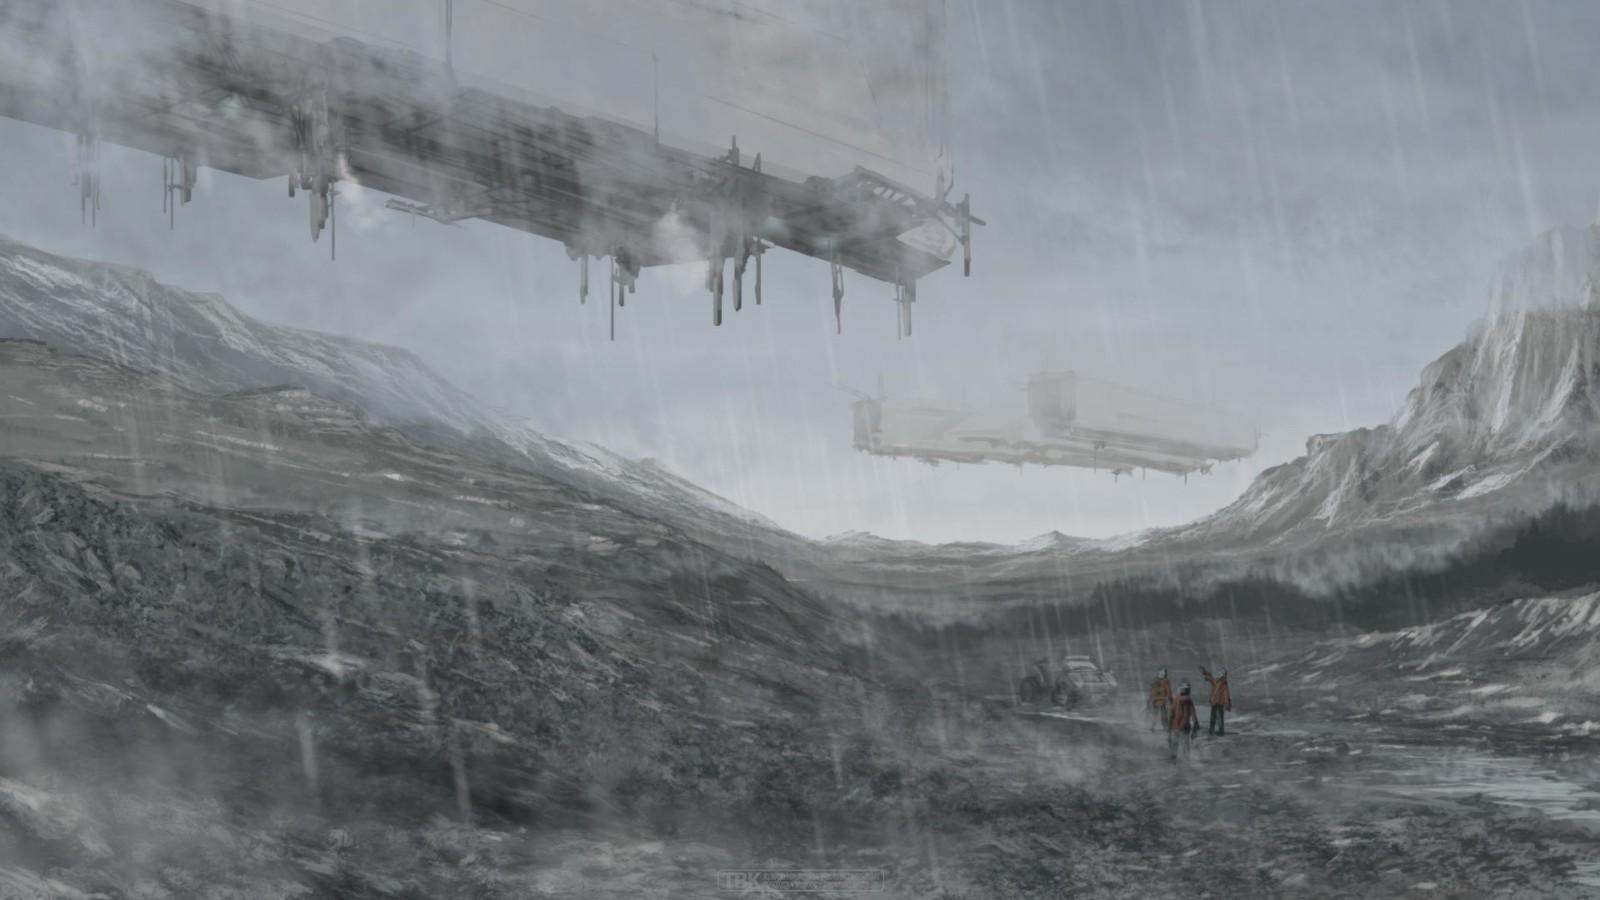 Sci-fi concept piece